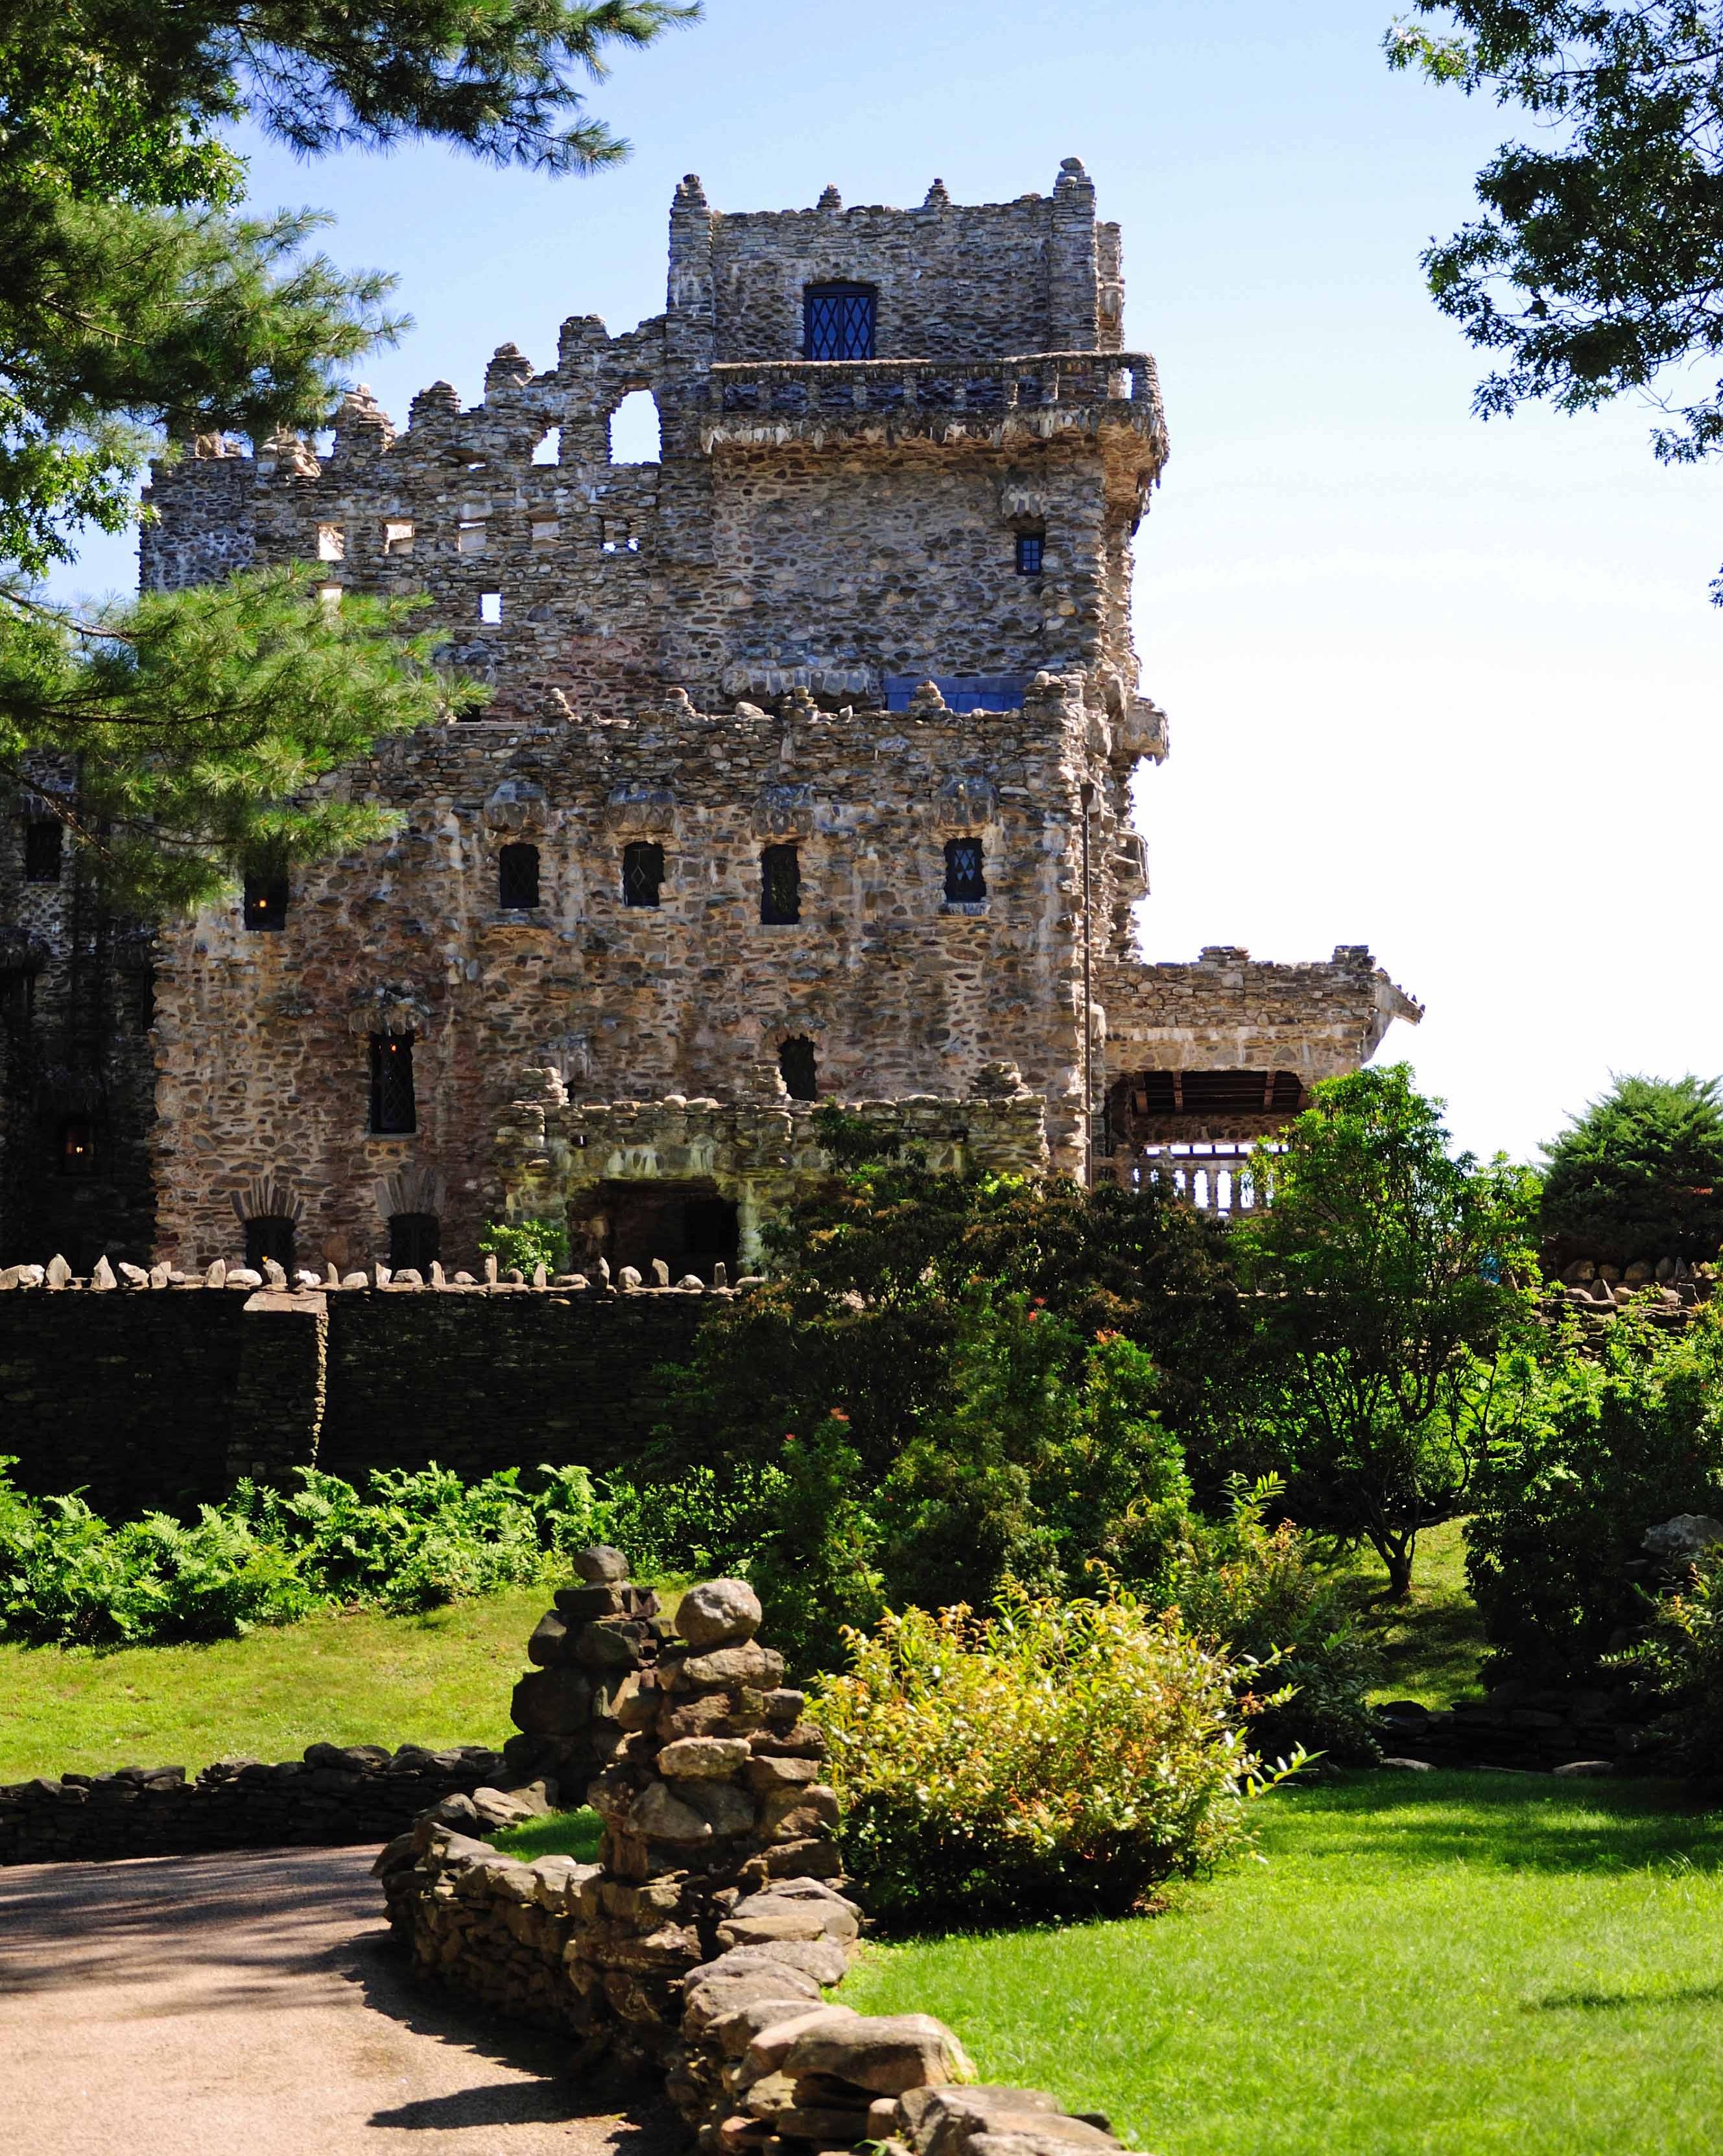 castle-wedding-venues-gillette-connecticut-0115.jpg